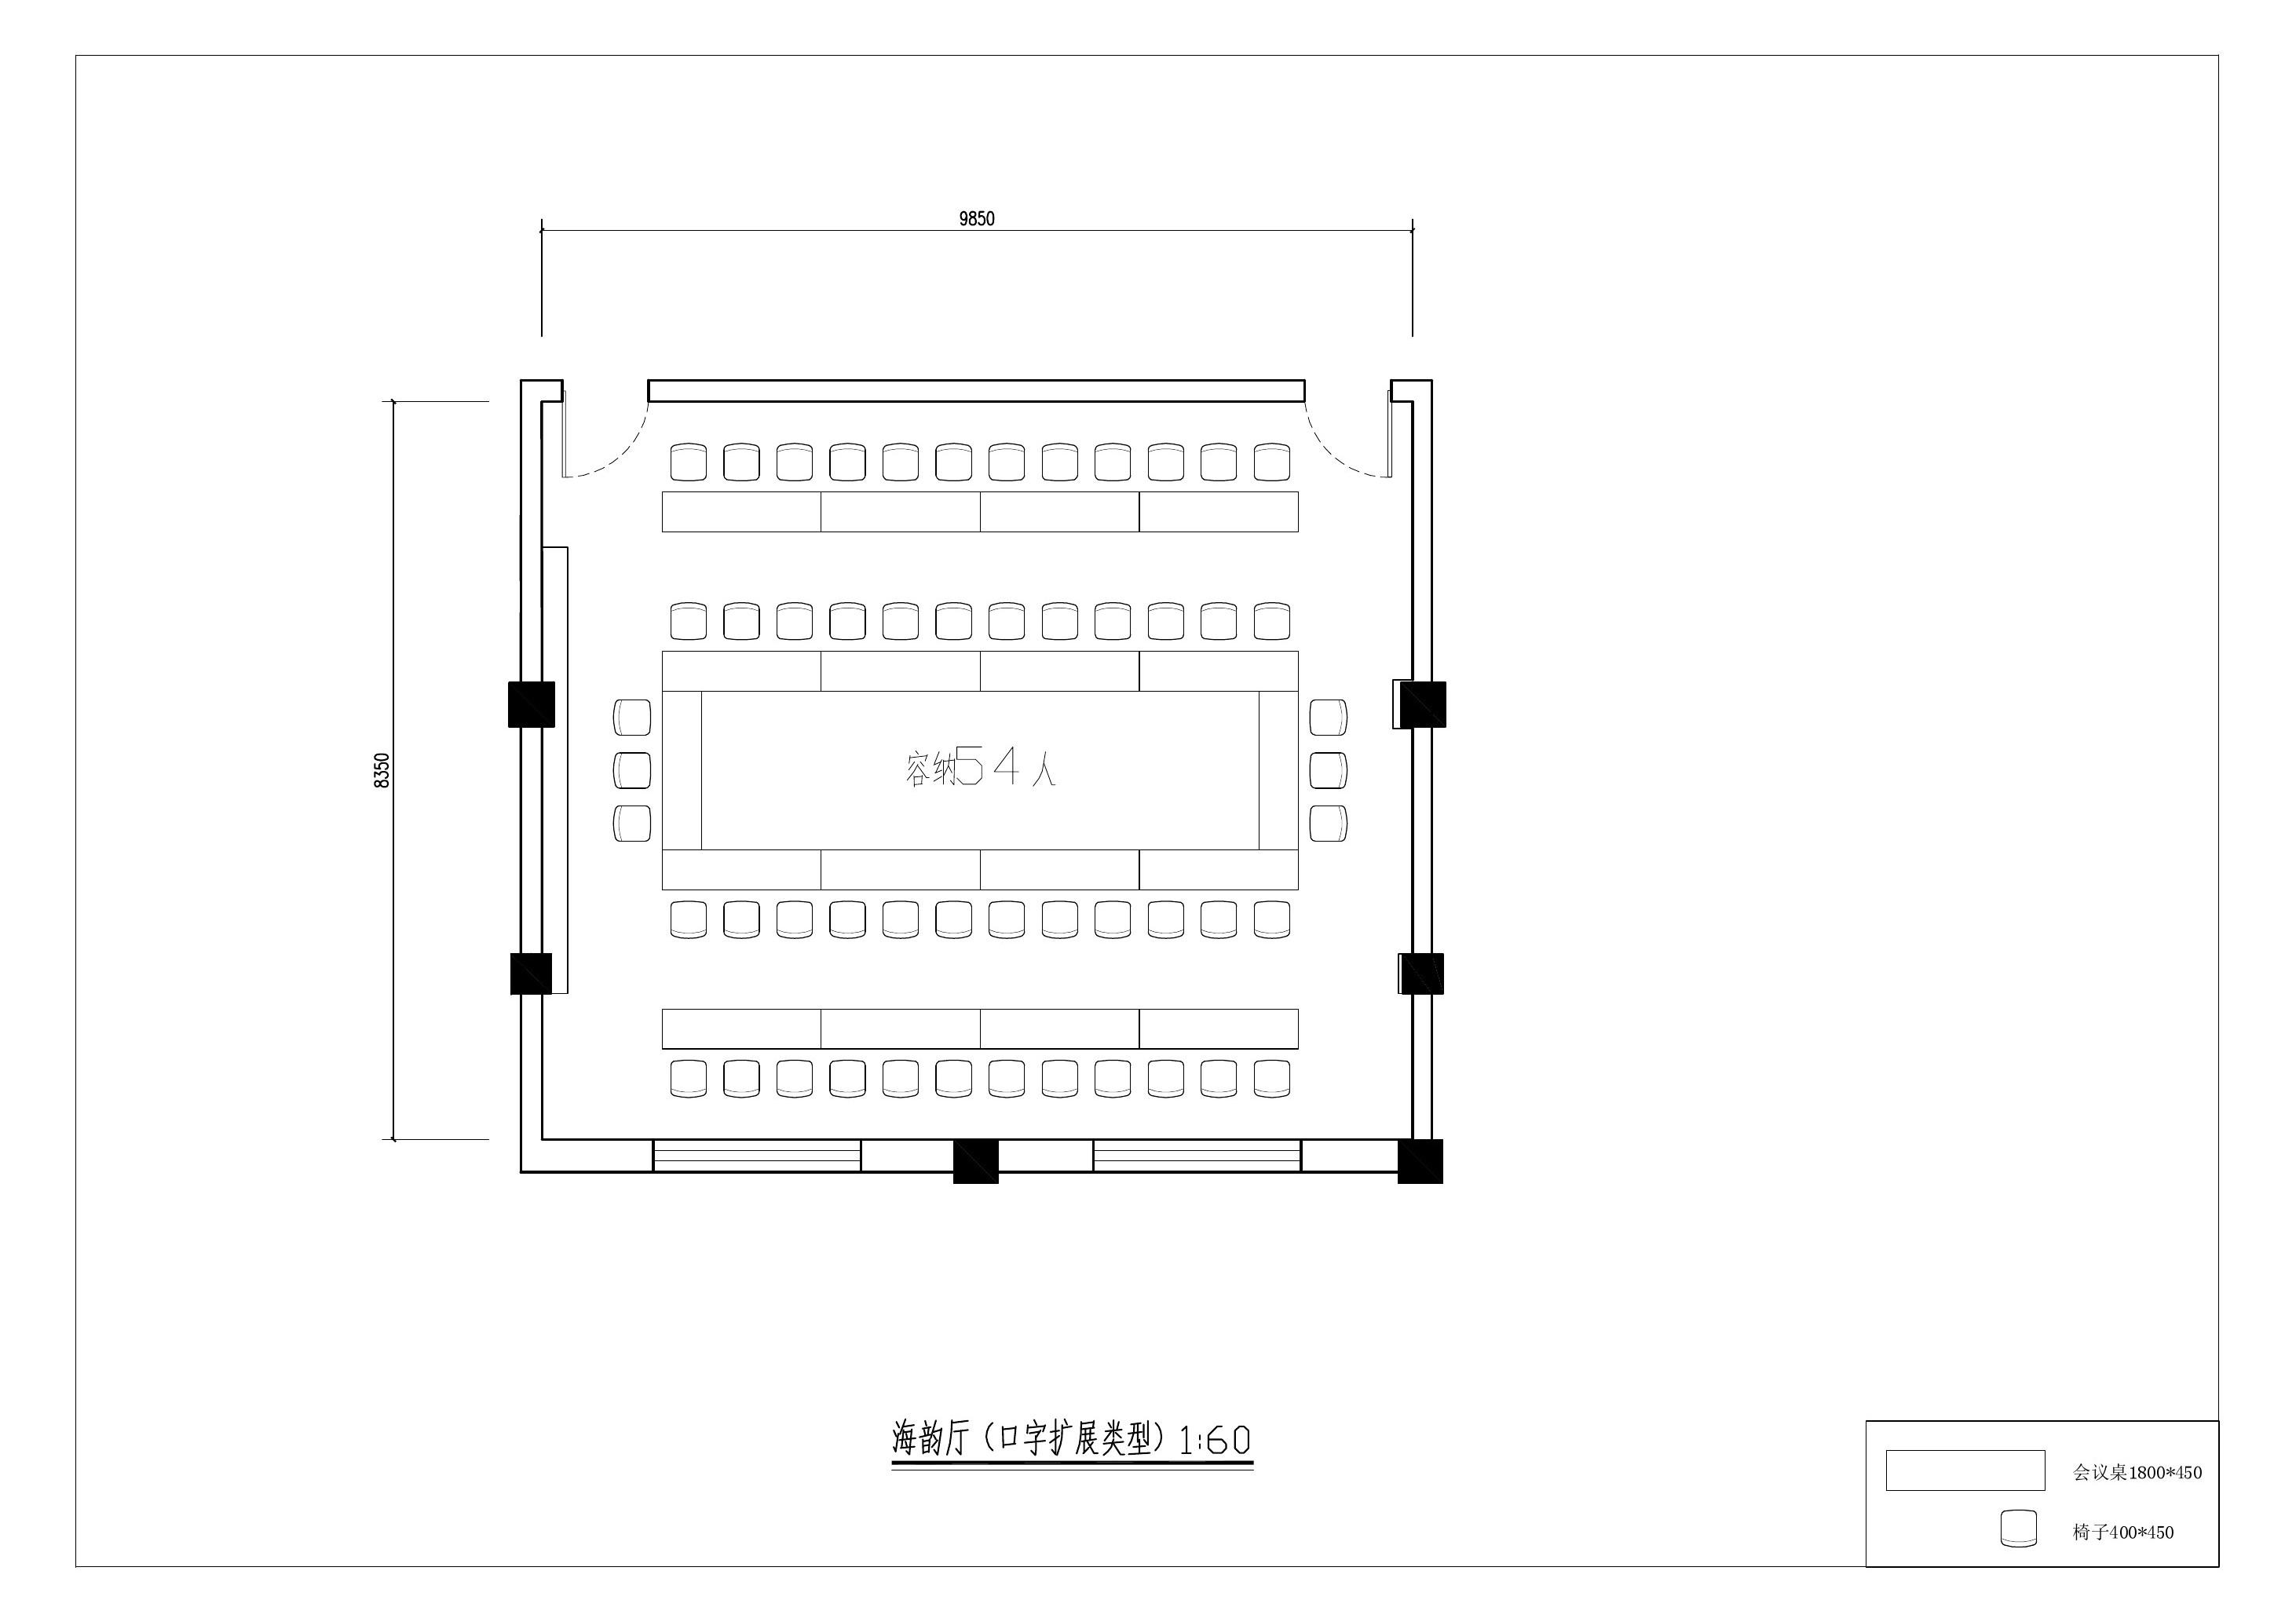 海韵厅口子扩展平面布置图_modified.jpg